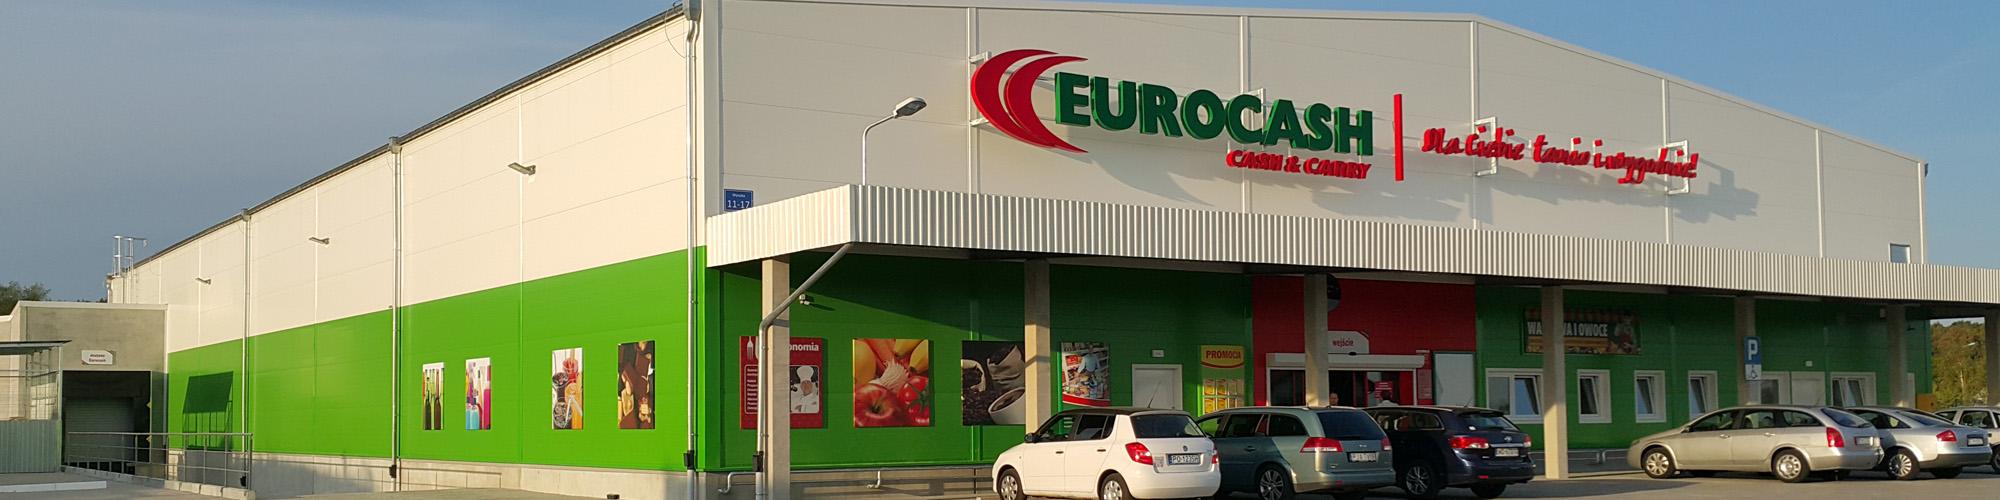 eurocash1